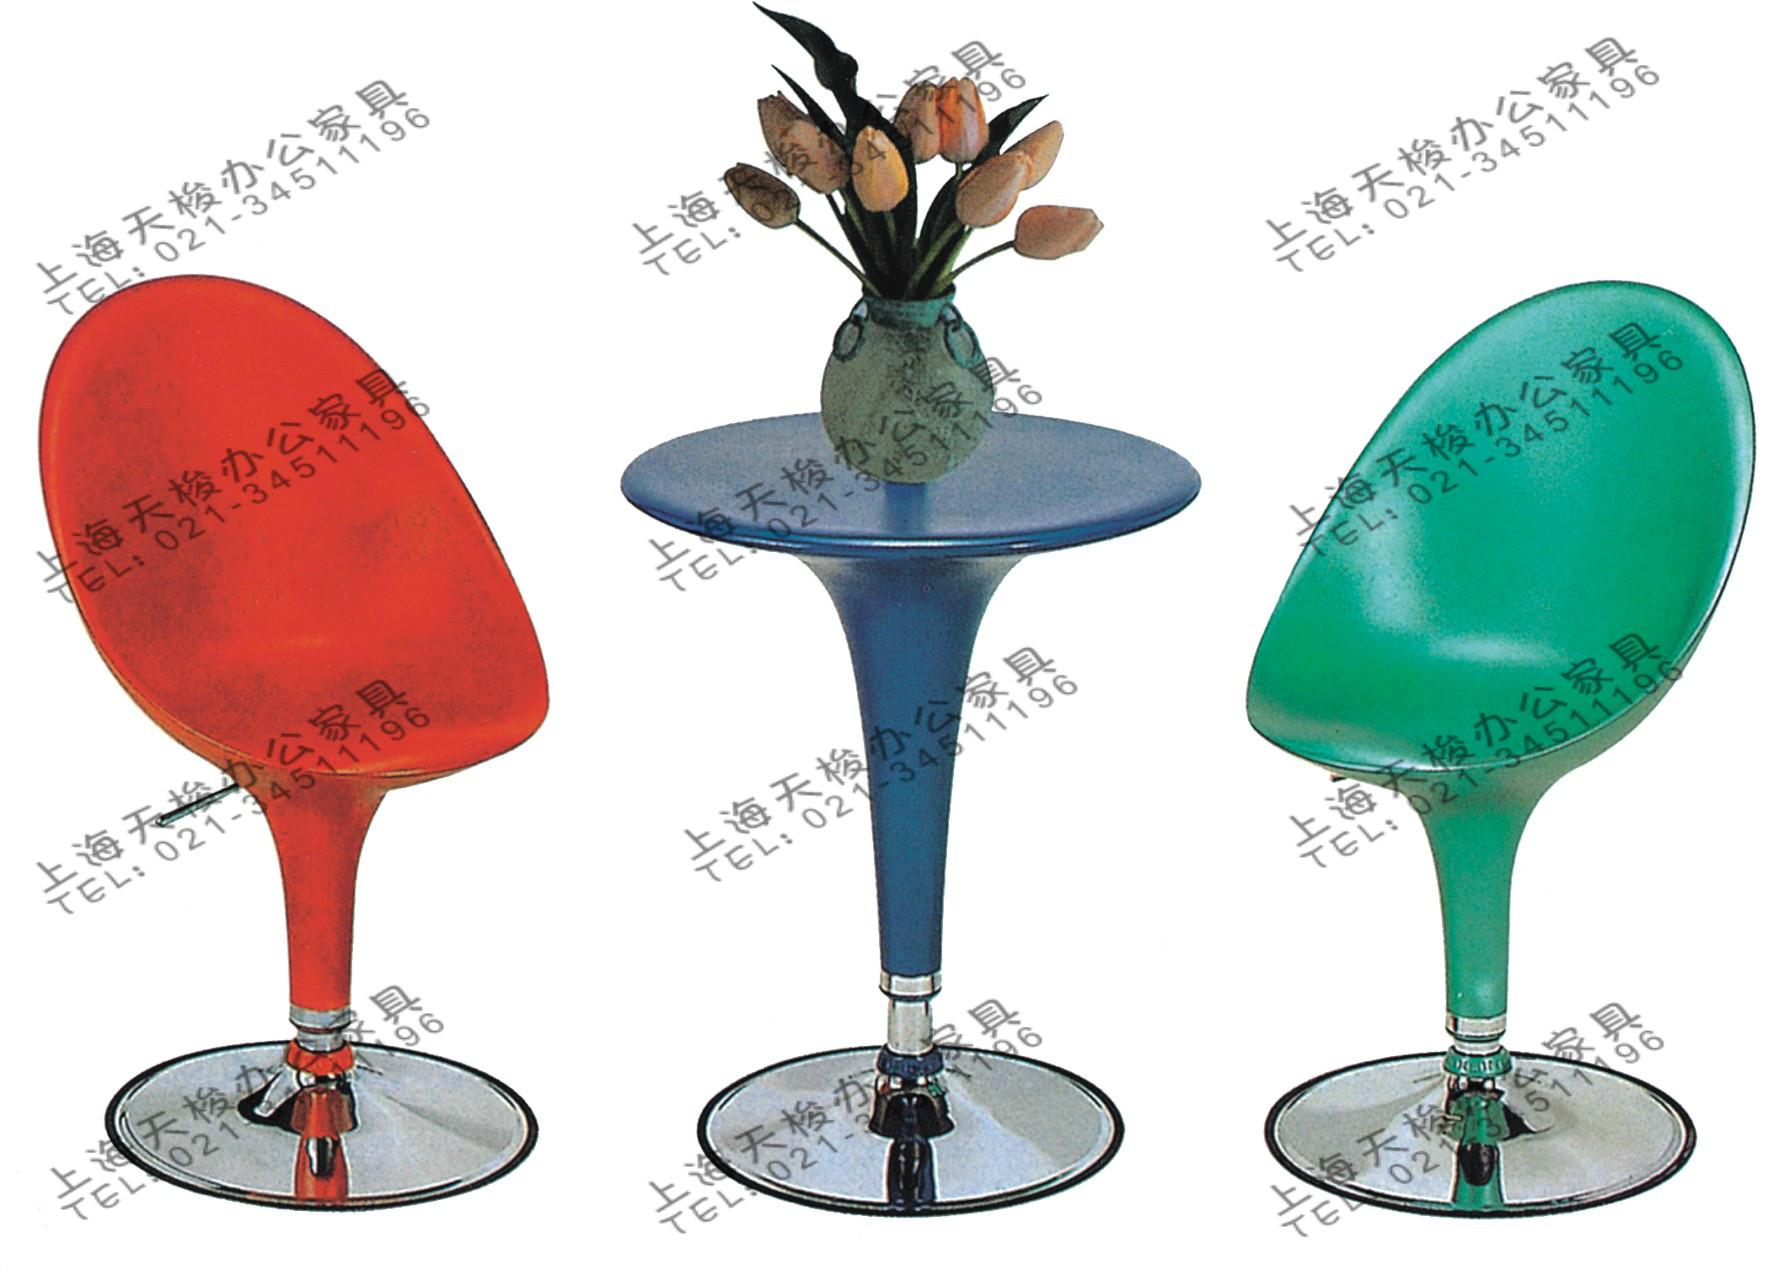 кресло для посетителей Tissot в Шанхае офисная мебель стул, сотрудники приема босс Председатель Исполнительного председателя возглавляет менеджер стулья кресло Председателя Конференции